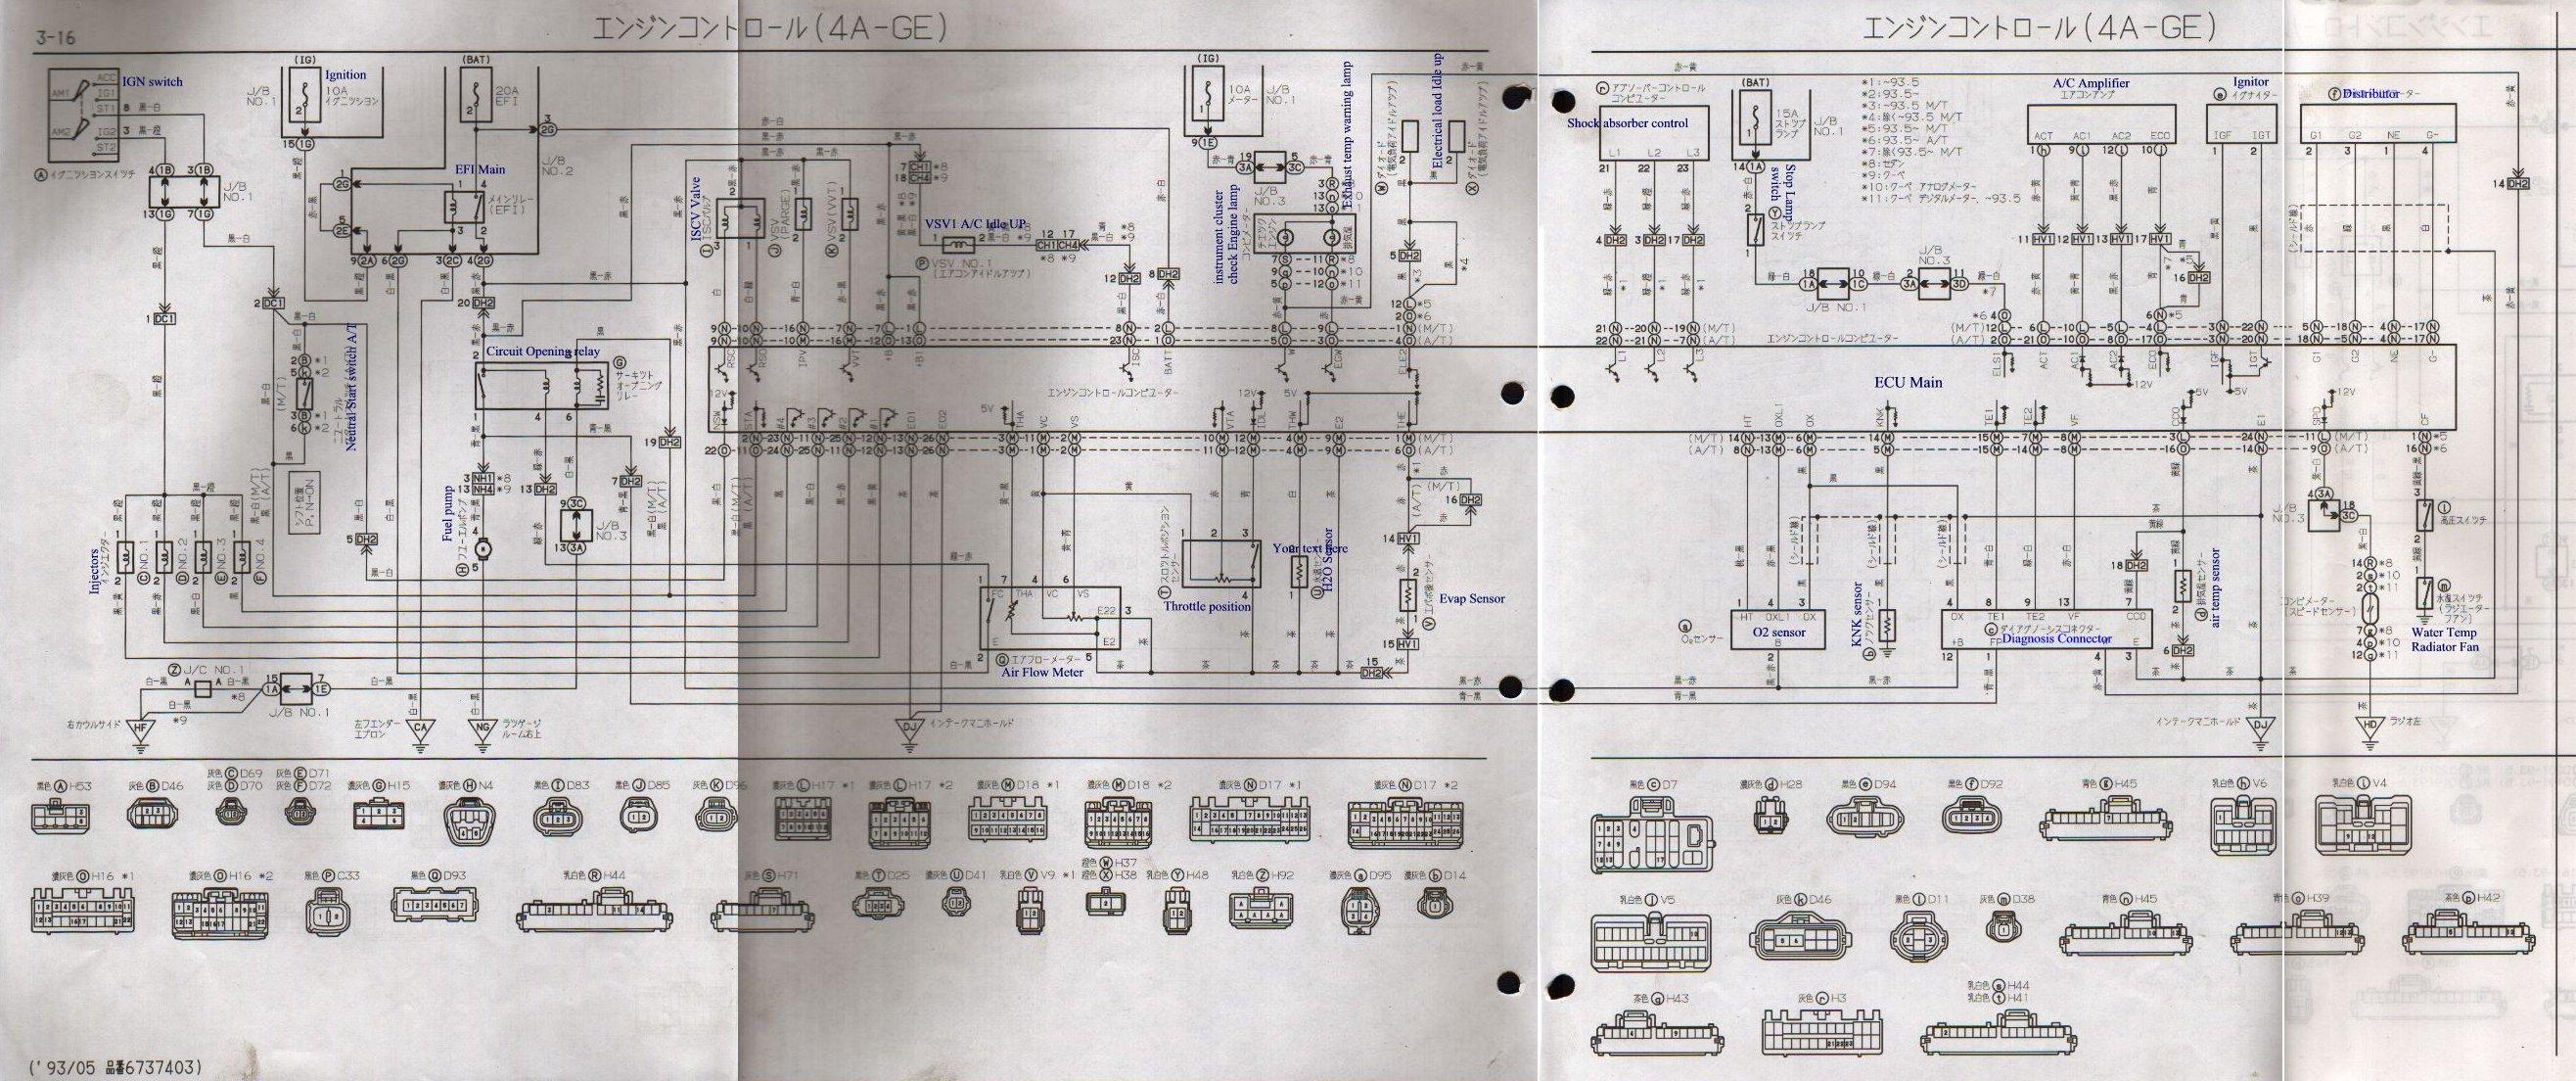 1jz gte wiring diagram schematic zc 3827  toyota echo wiring harness wiring diagram wiring  wiring harness wiring diagram wiring